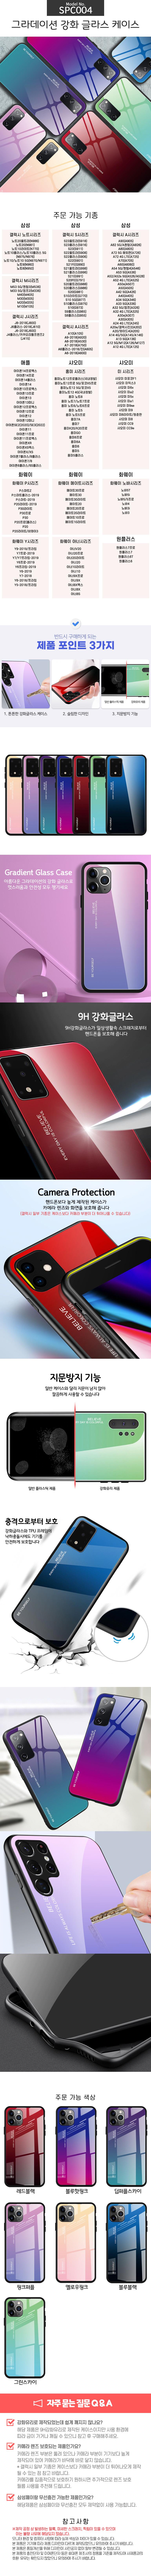 아이폰6 6S 7 8 X XS XR 플러스 맥스 강화유리 그라데이션 핸드폰케이스 - 수나르, 15,800원, 케이스, 아이폰XR